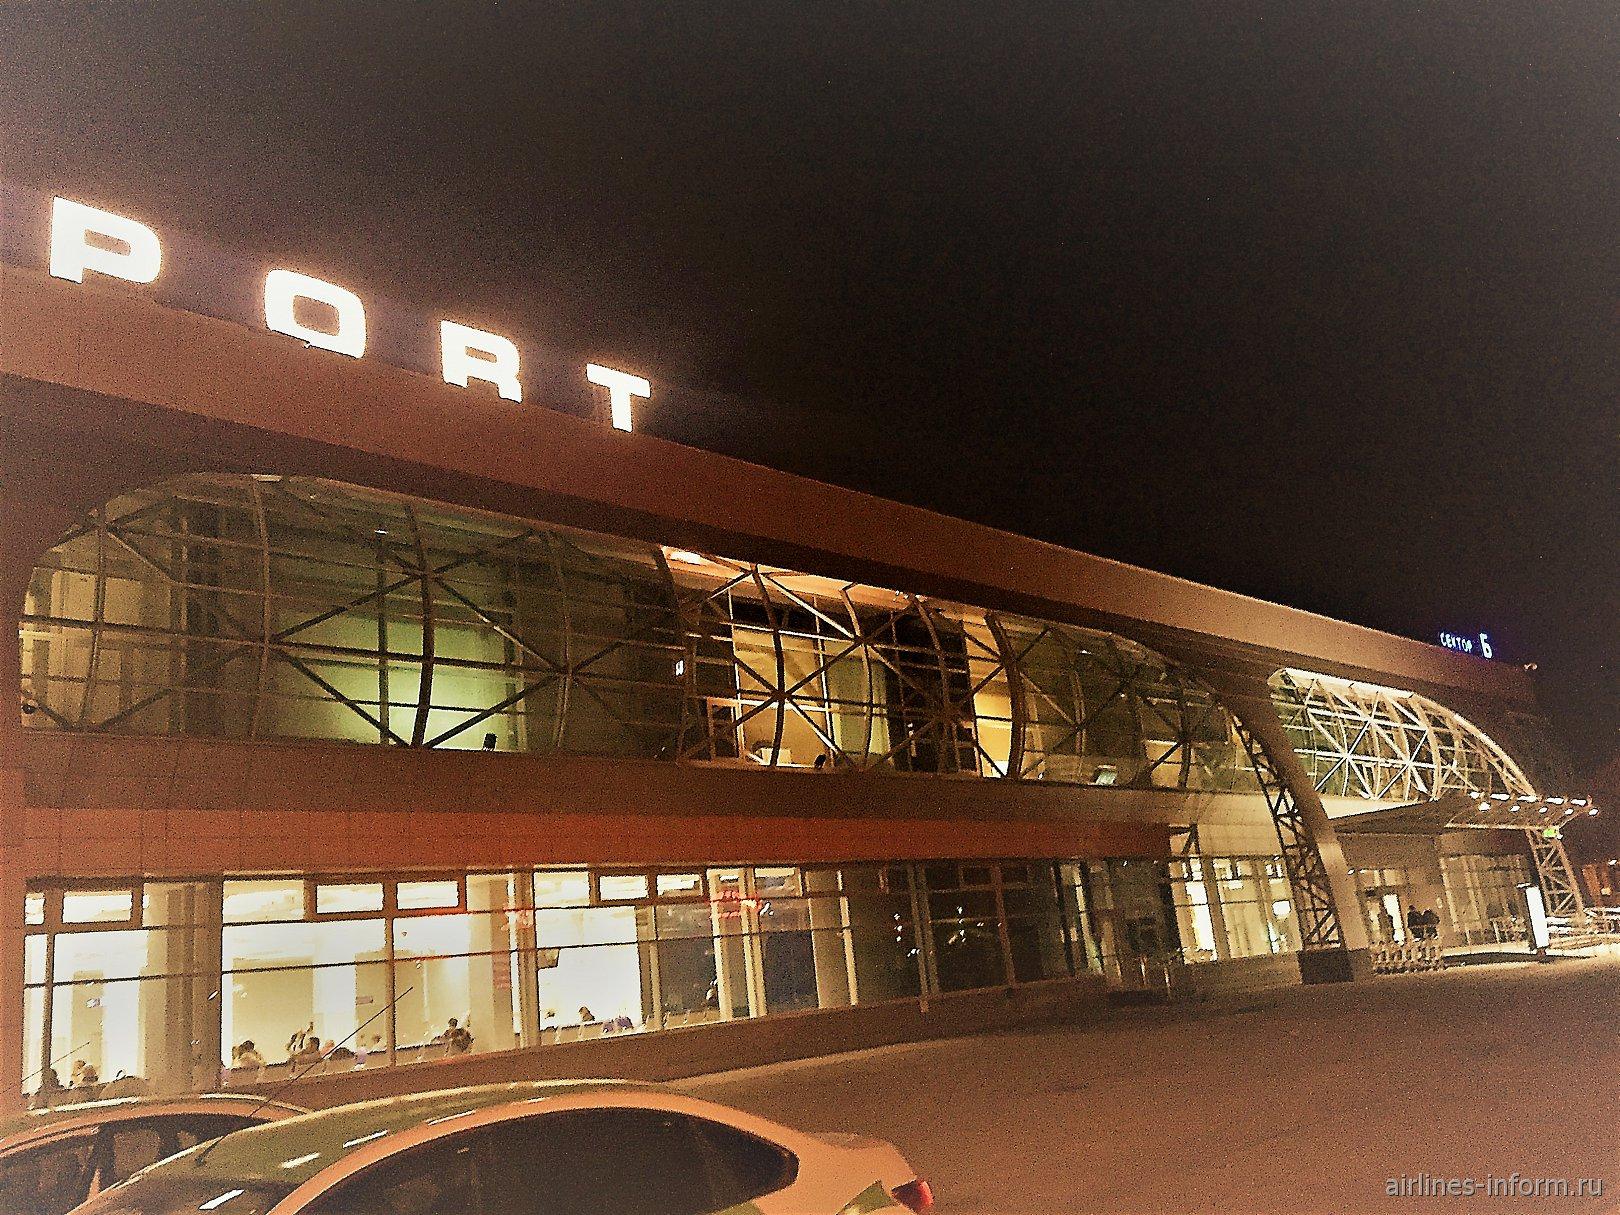 Перелет по маршруту Новосибирск (OVB) - Санья (SYX) а/к Azur Air на самолете В 757-200